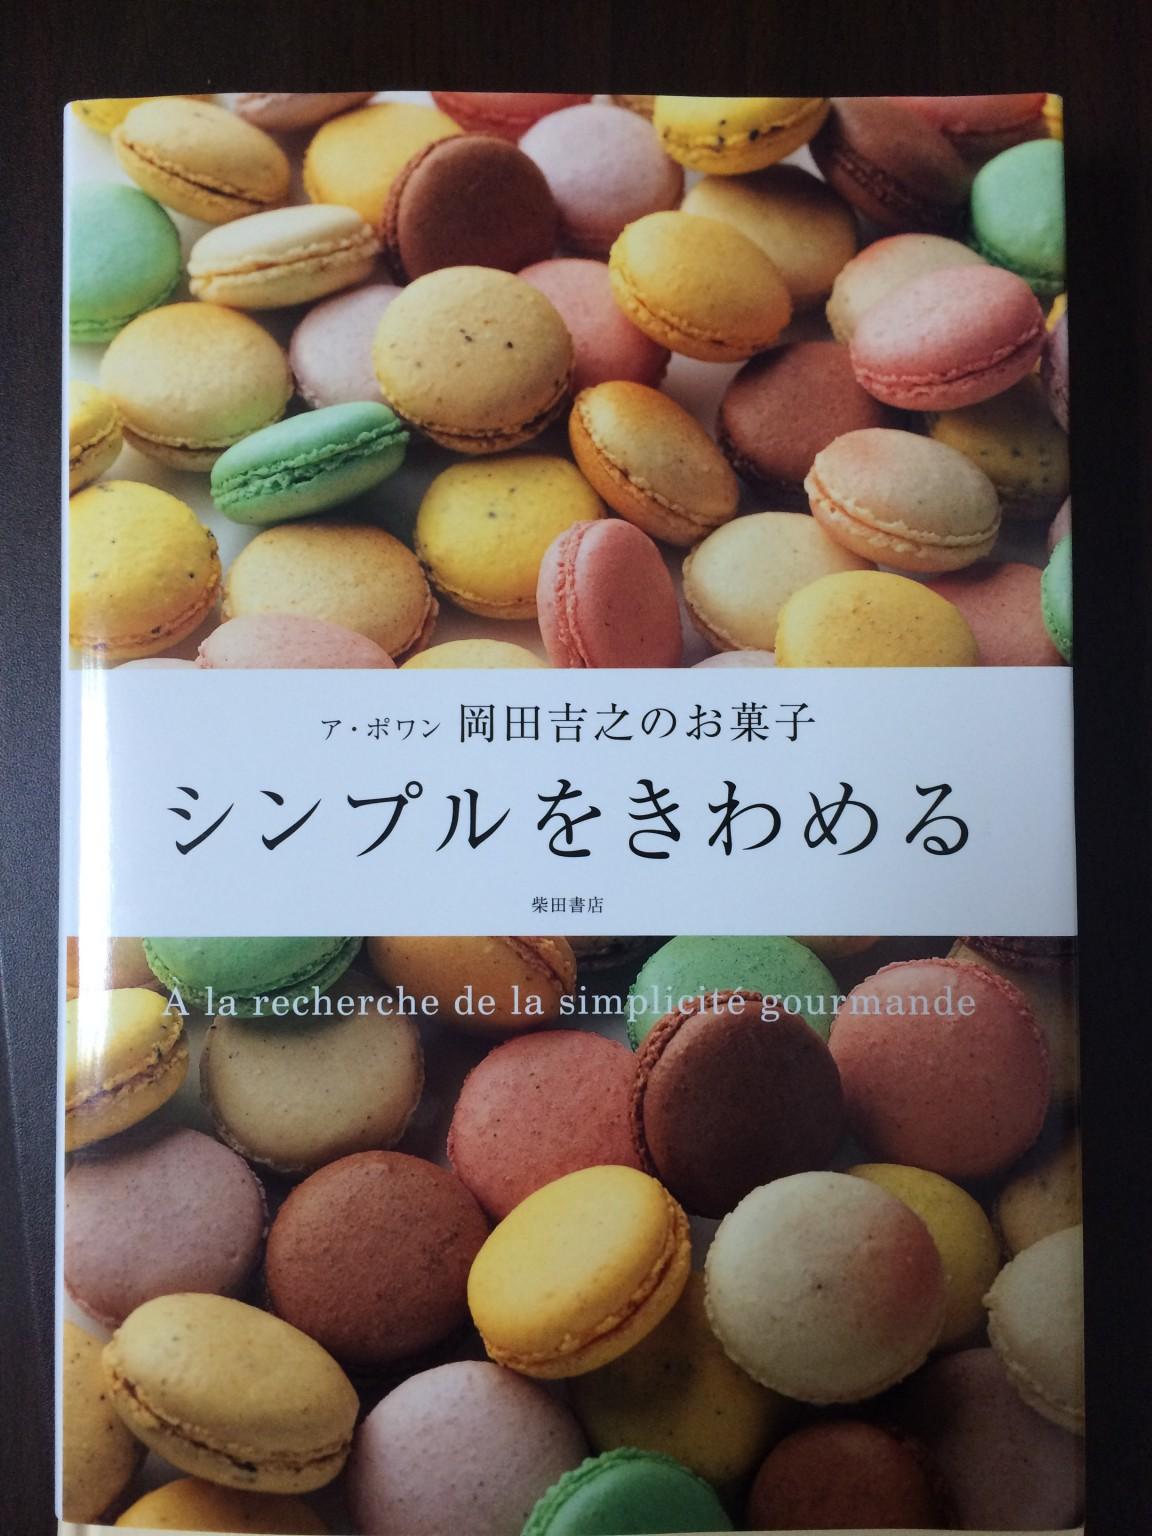 ア・ポワンの岡田さんの著書